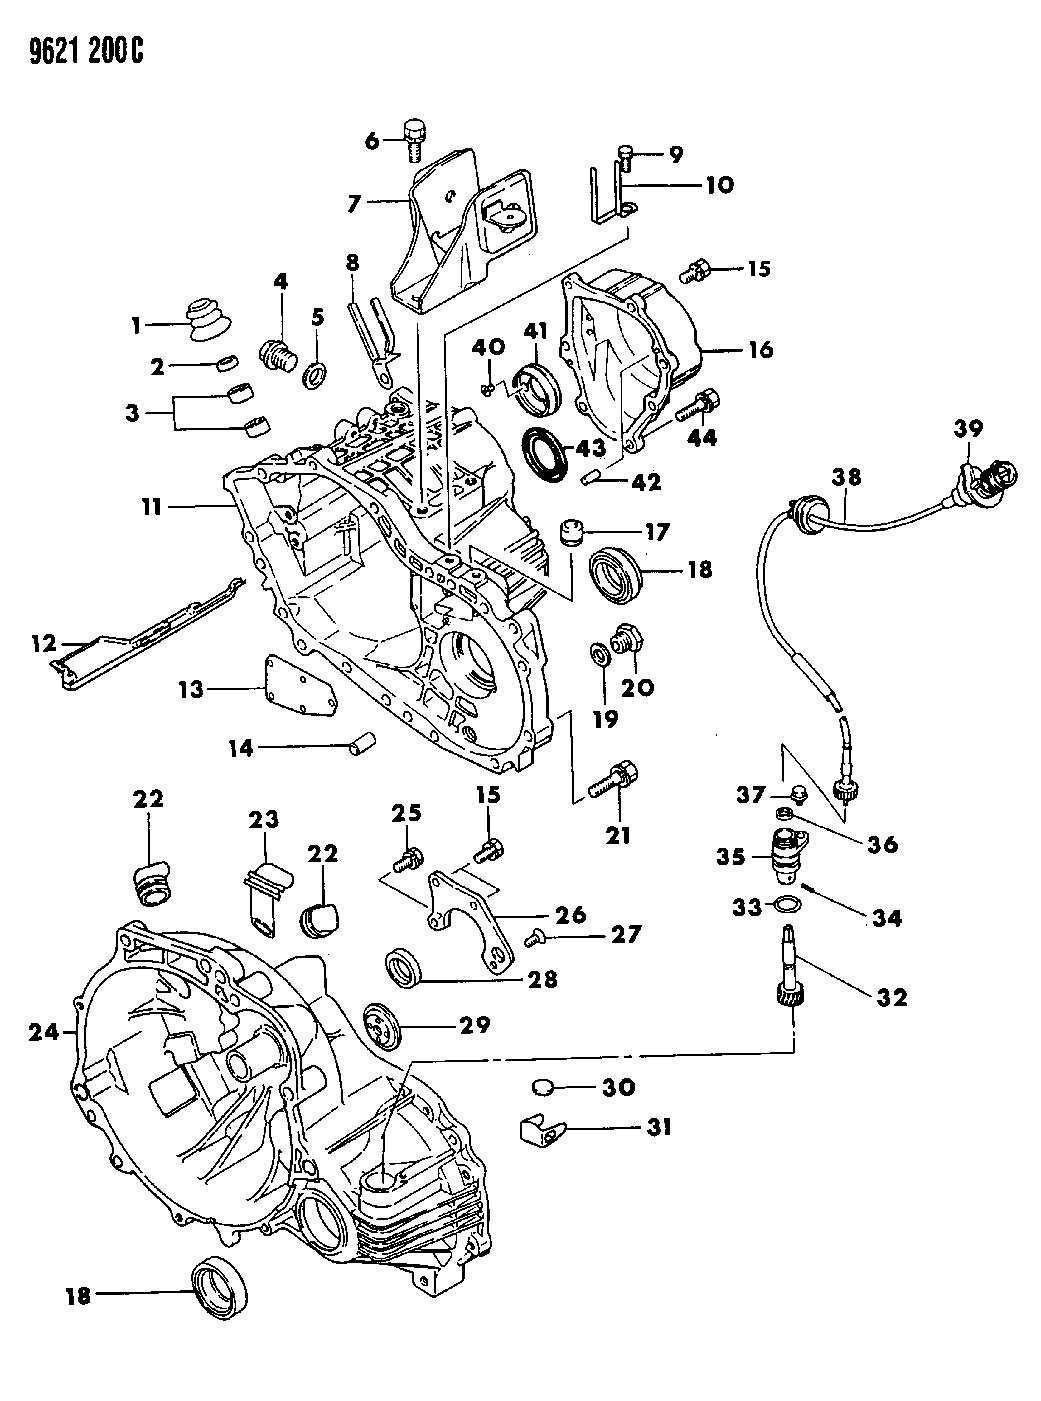 Dodge Ram 1500 Clip. Wiring. (10.5-60/85), 10.5-60/85